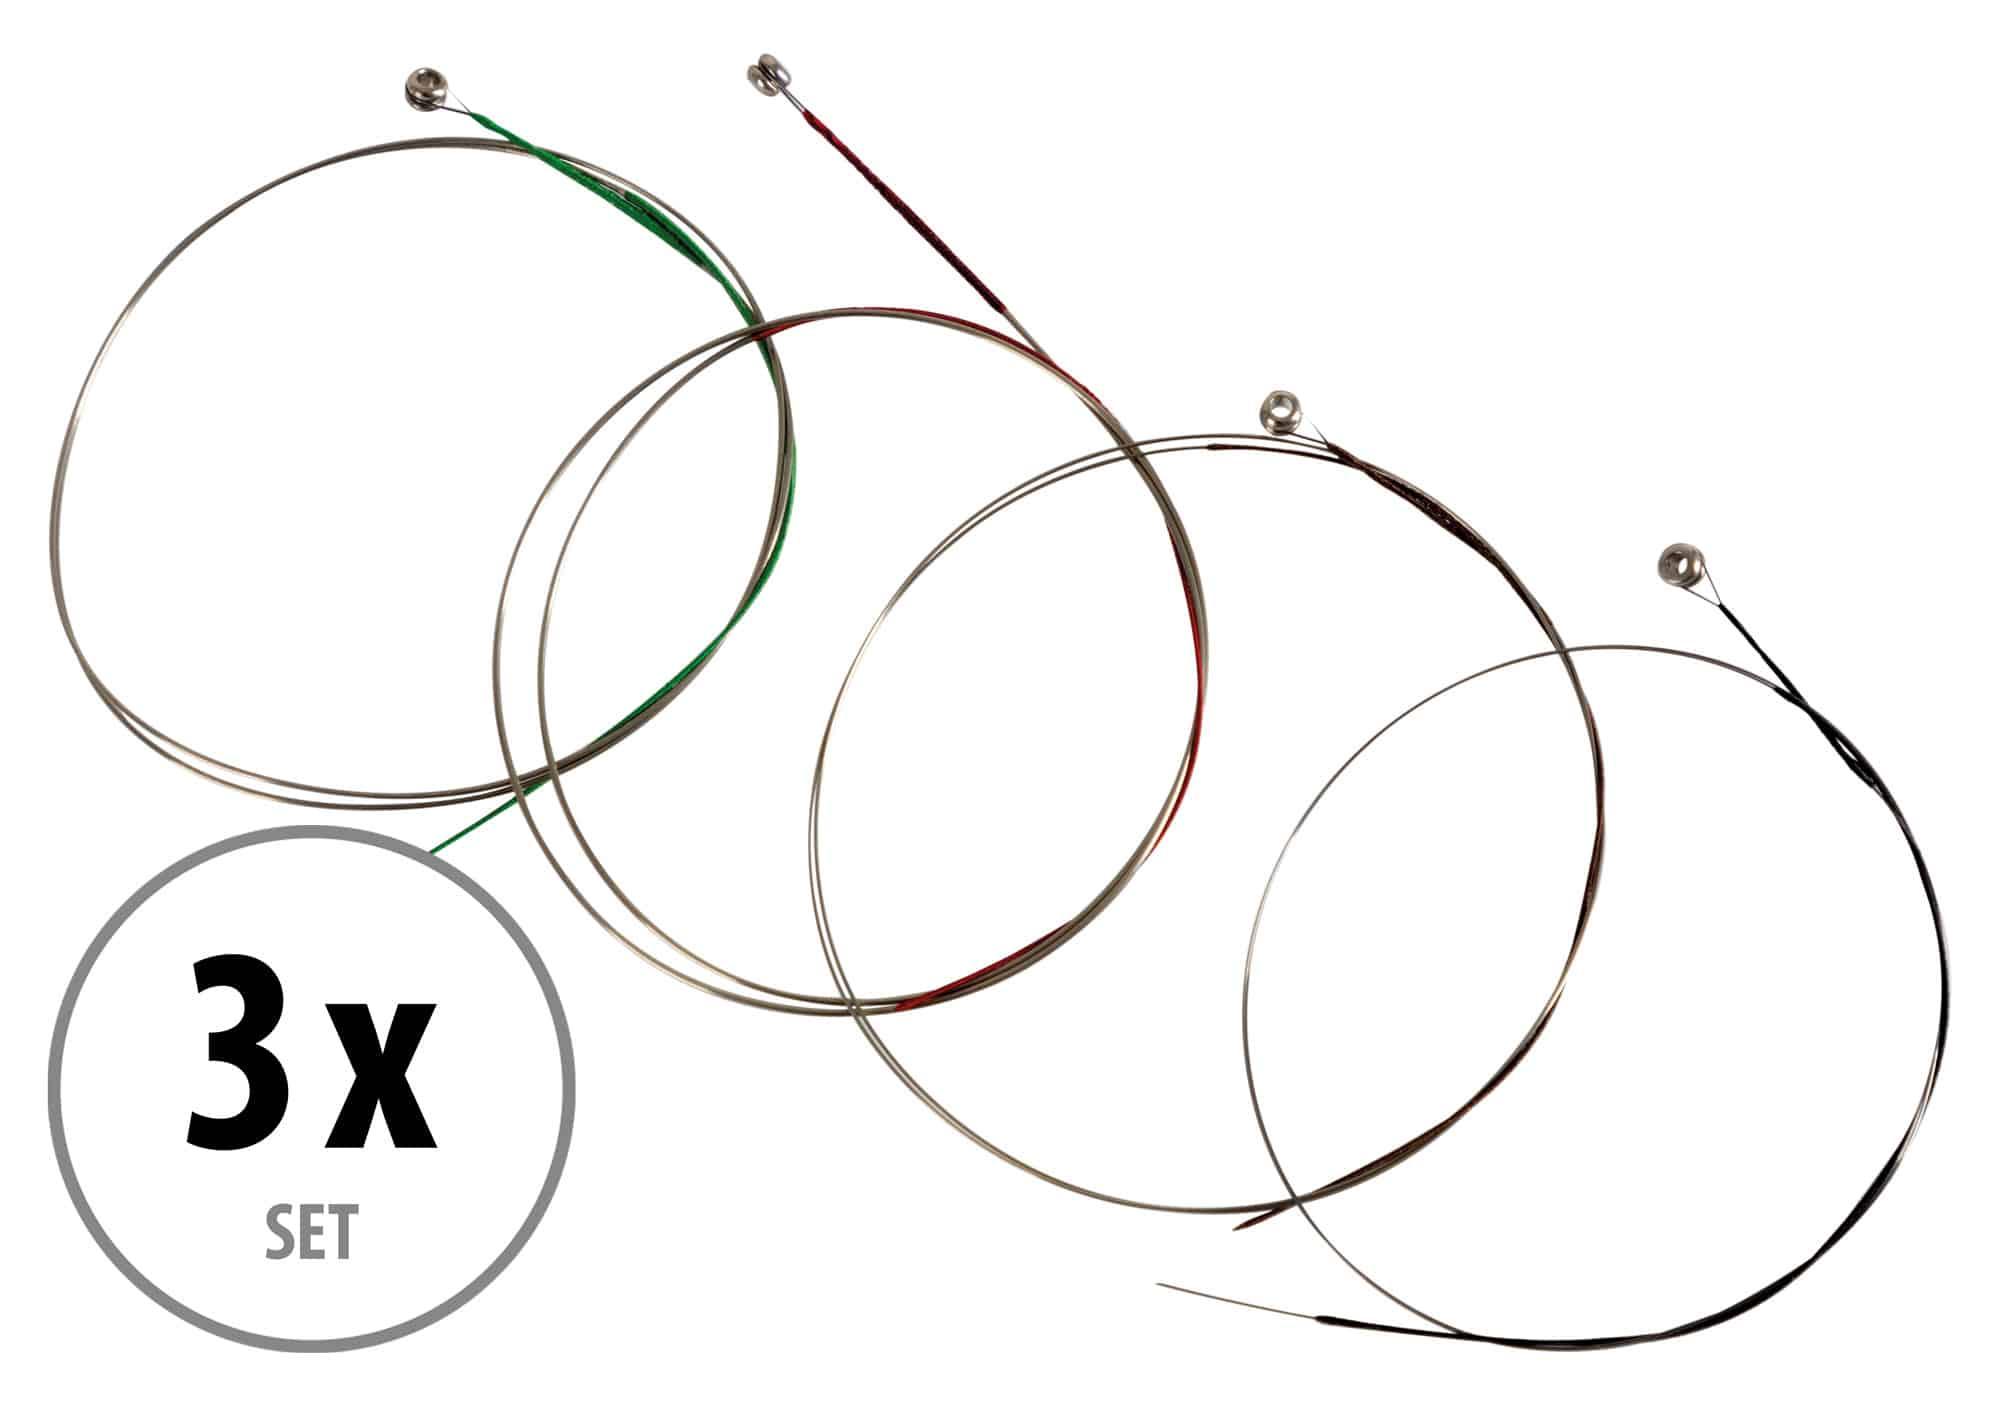 Classic Cantabile VL 44 Violinensaiten Satz 4|4 Set 3x